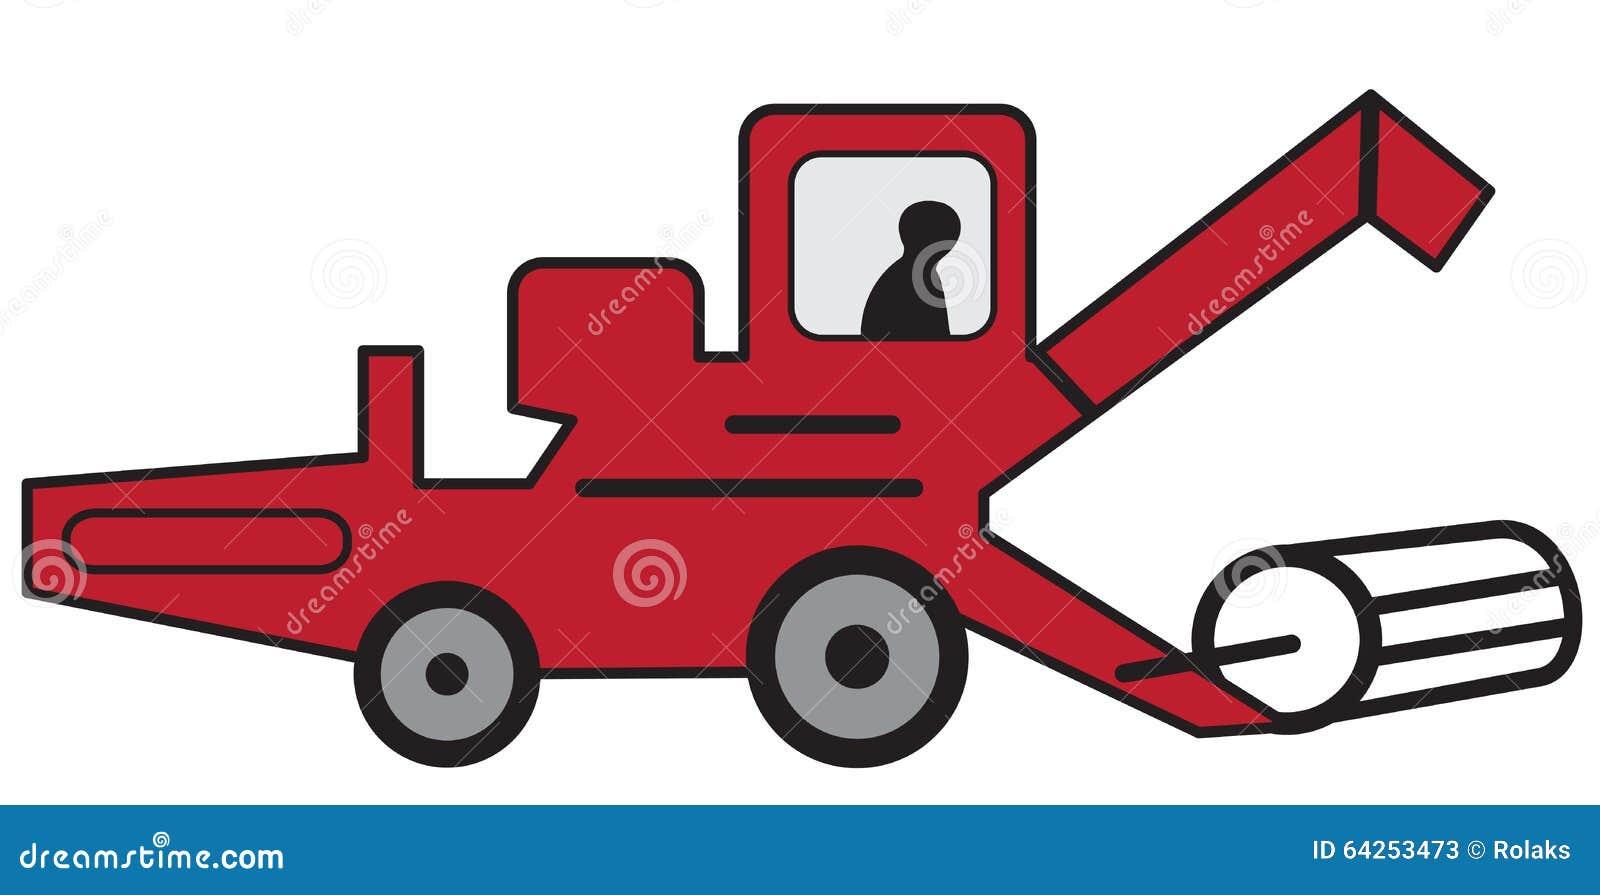 Tractor Cartoon Picker : Cartoon red combine harvester stock vector image